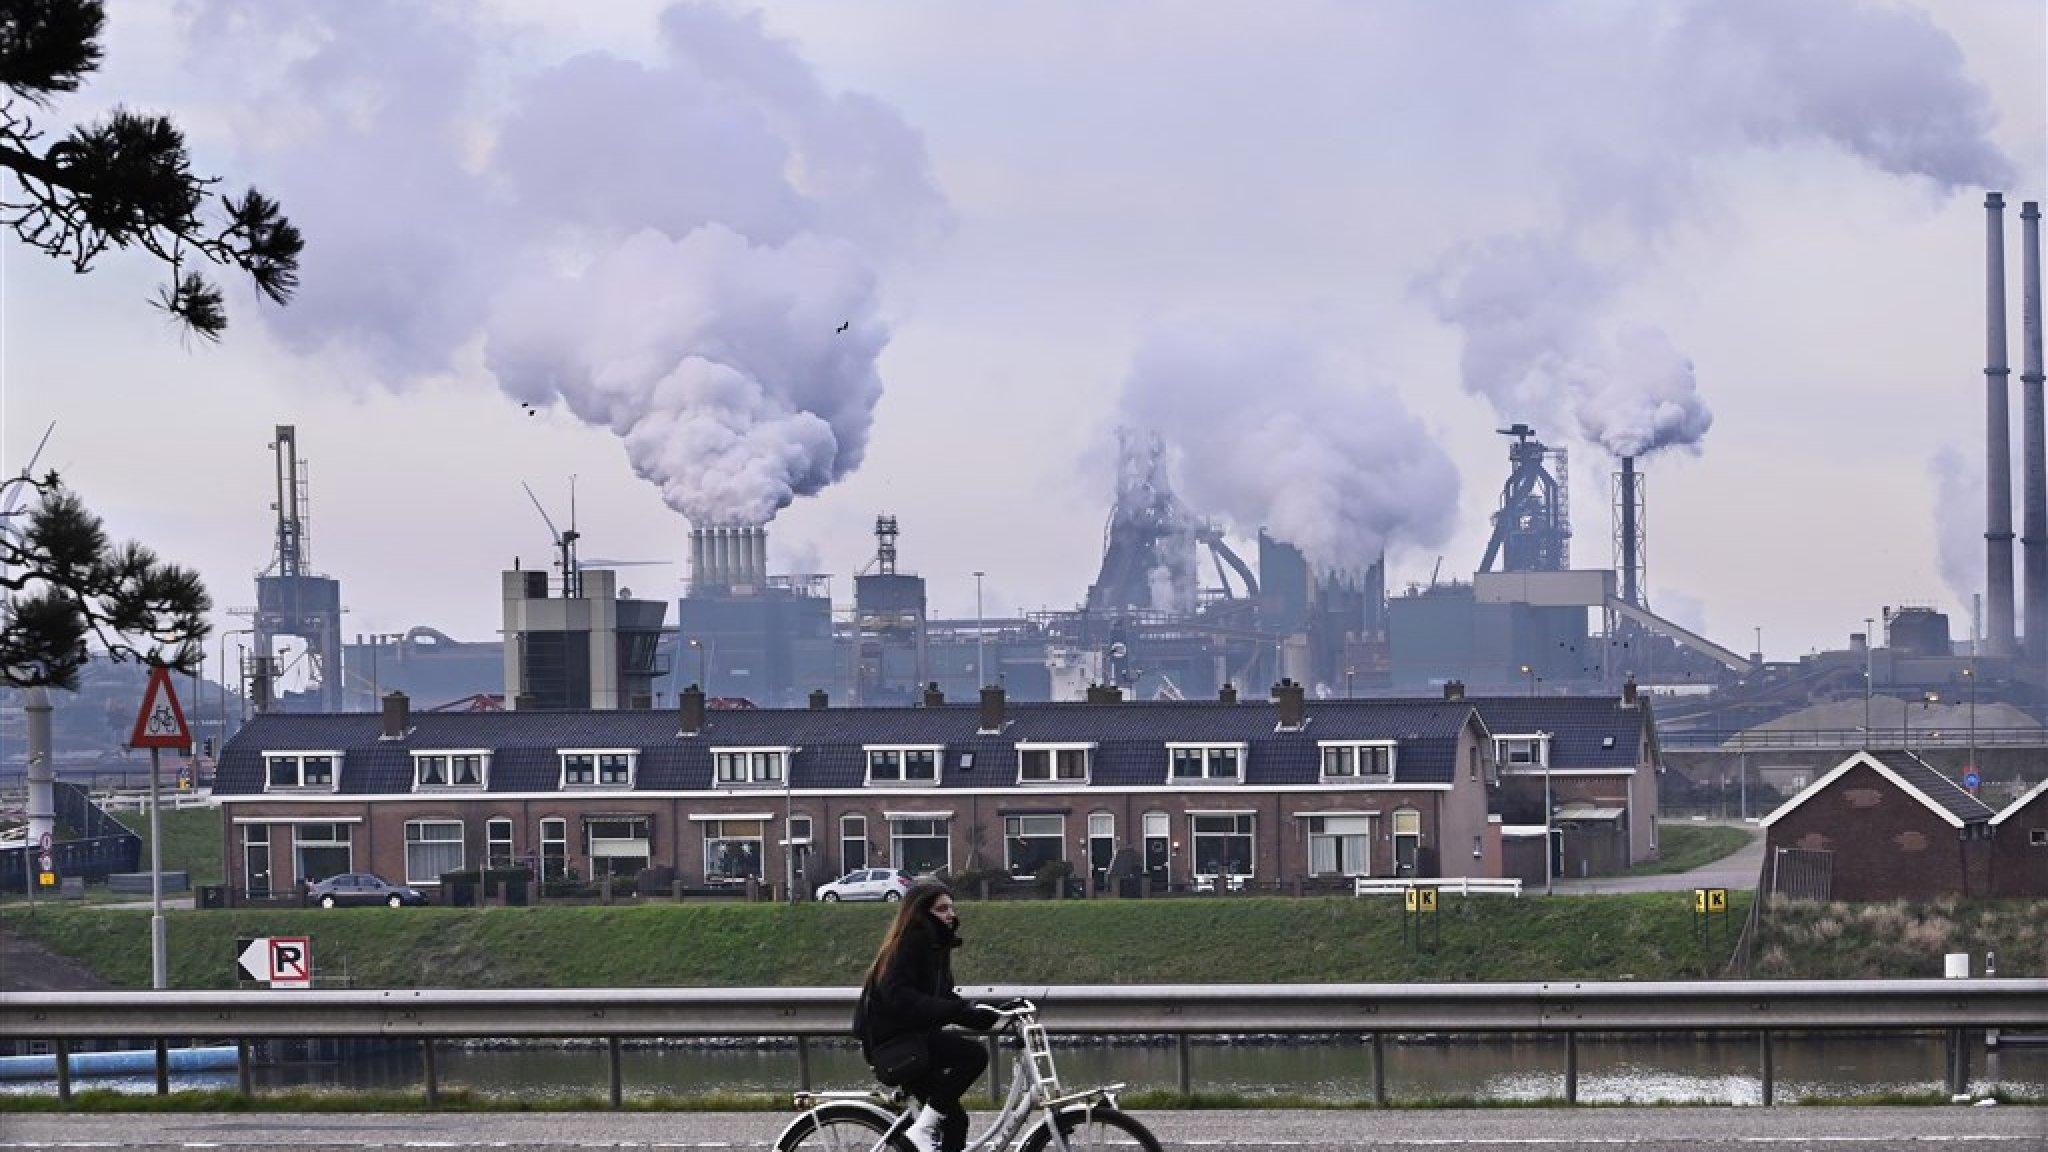 Rabobank boort nieuw verdienmodel aan: carbon banking - RTL Nieuws